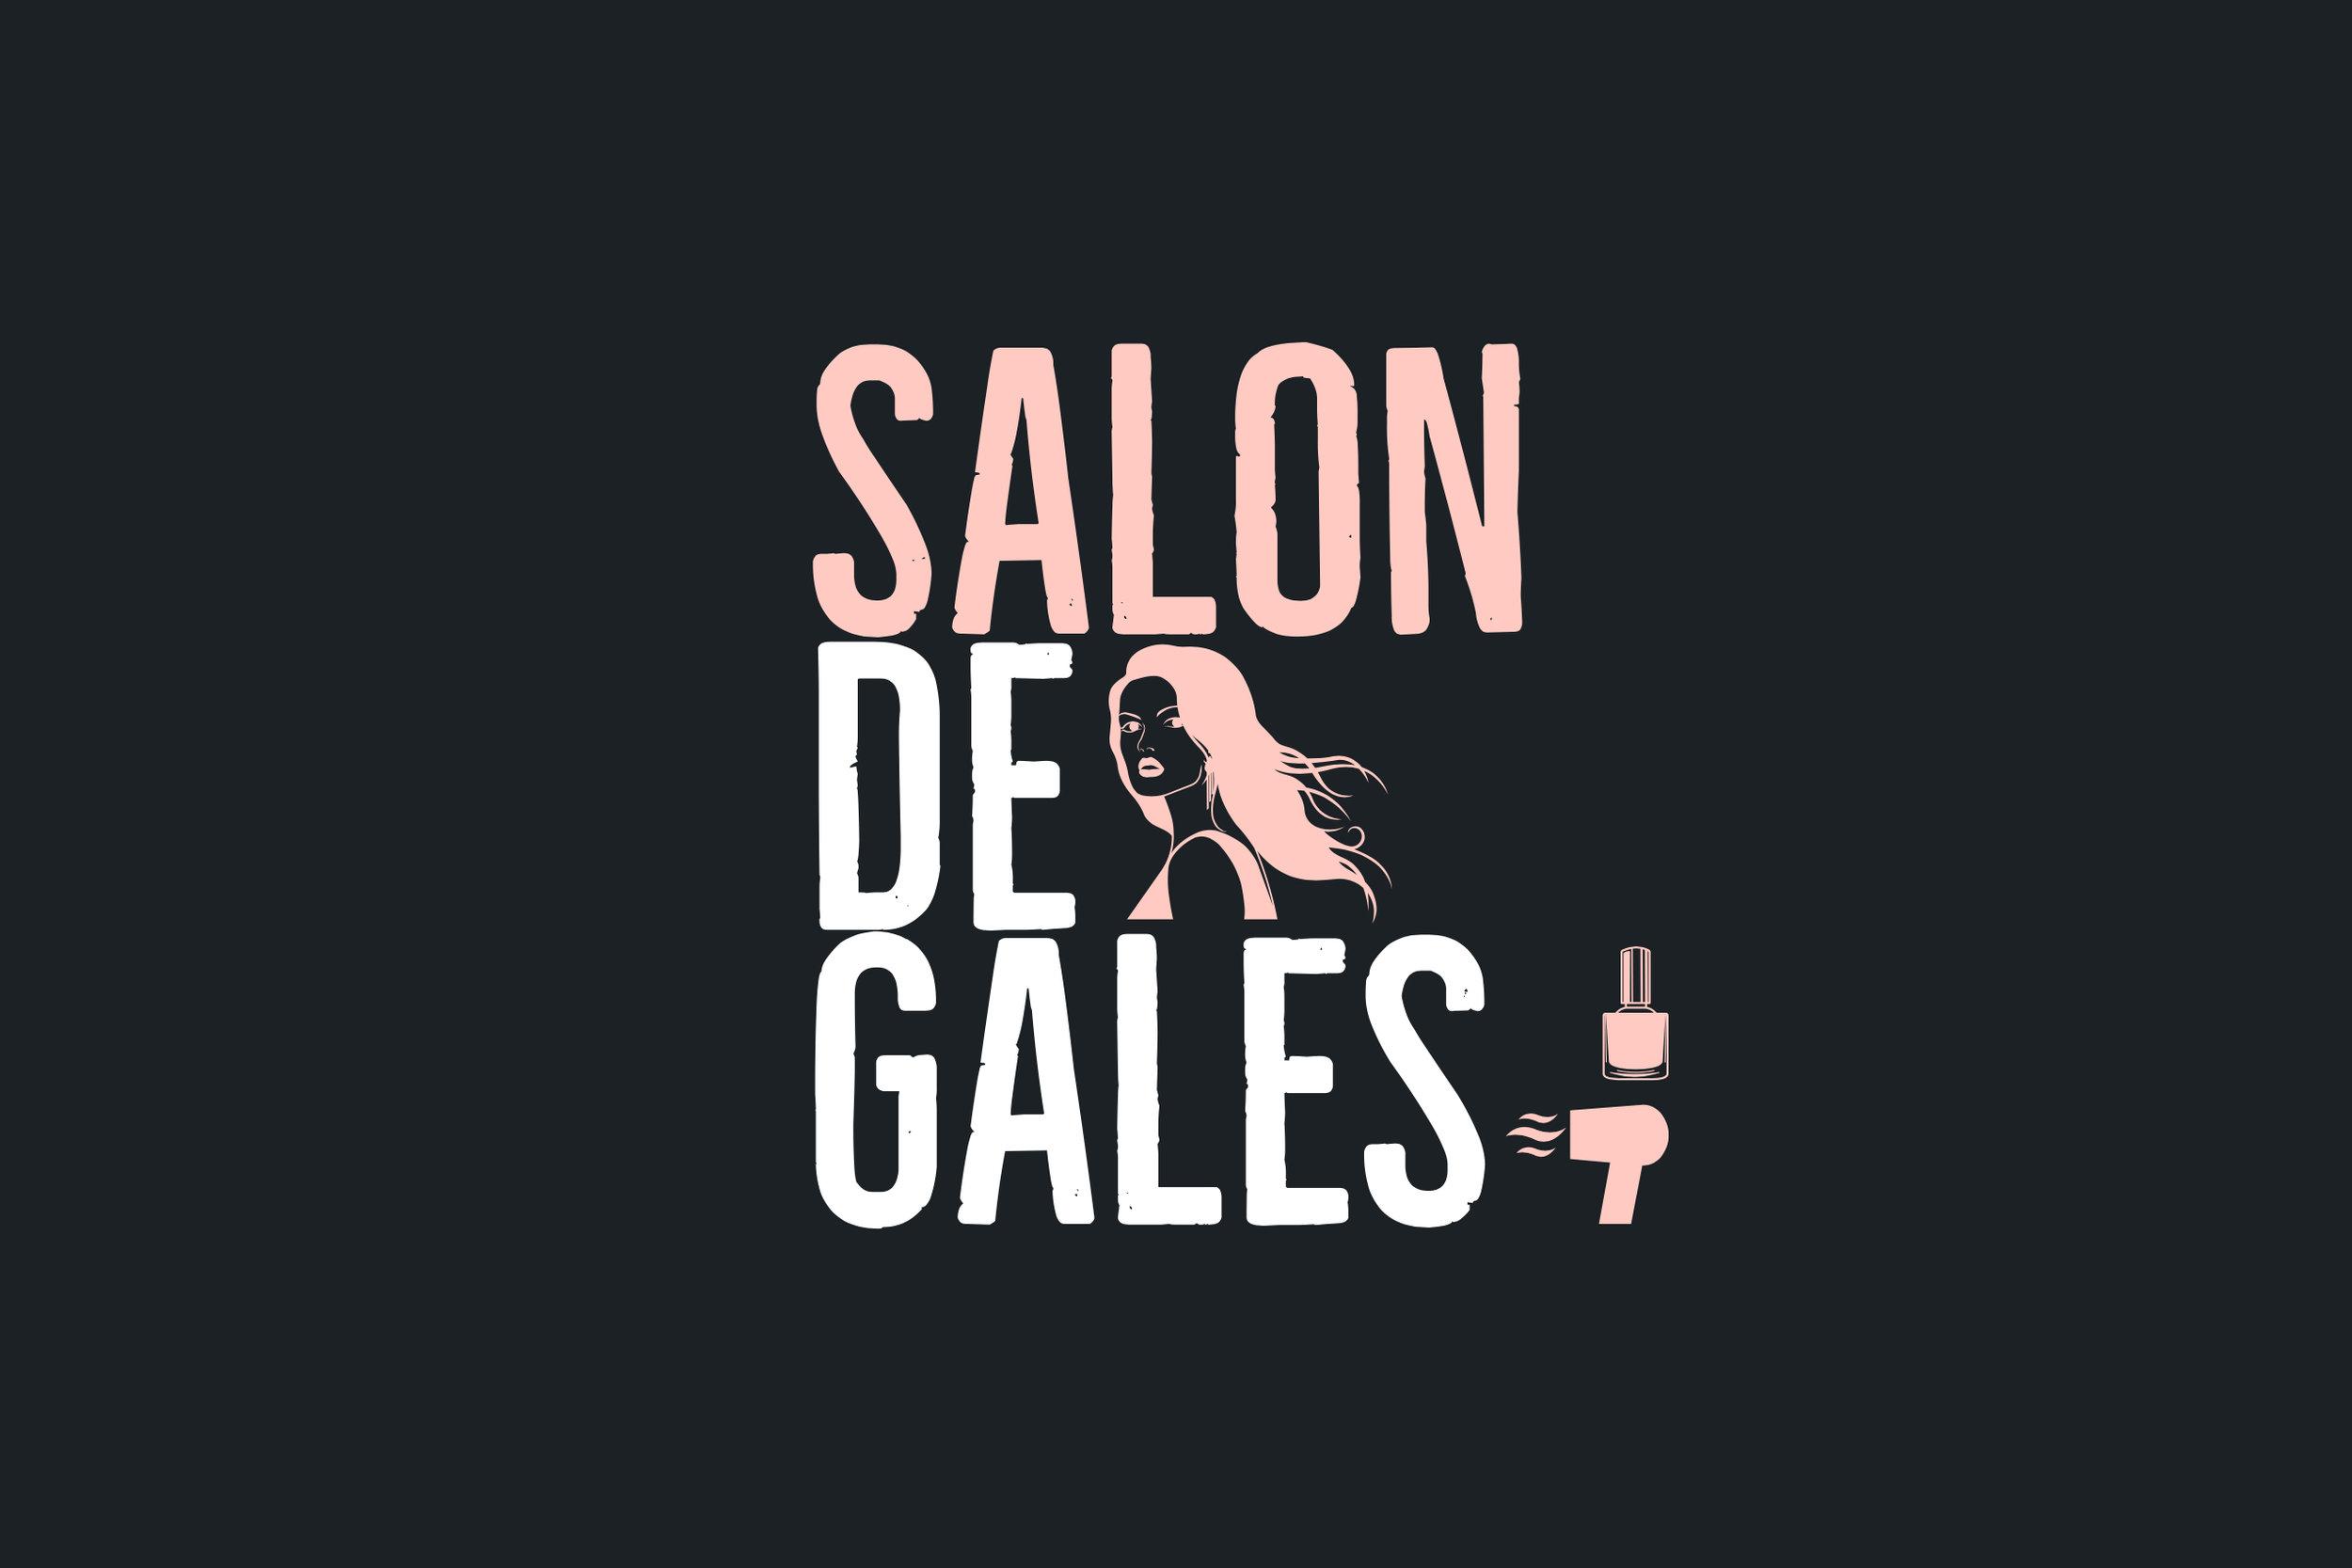 Salon de gales Recto-4.jpg